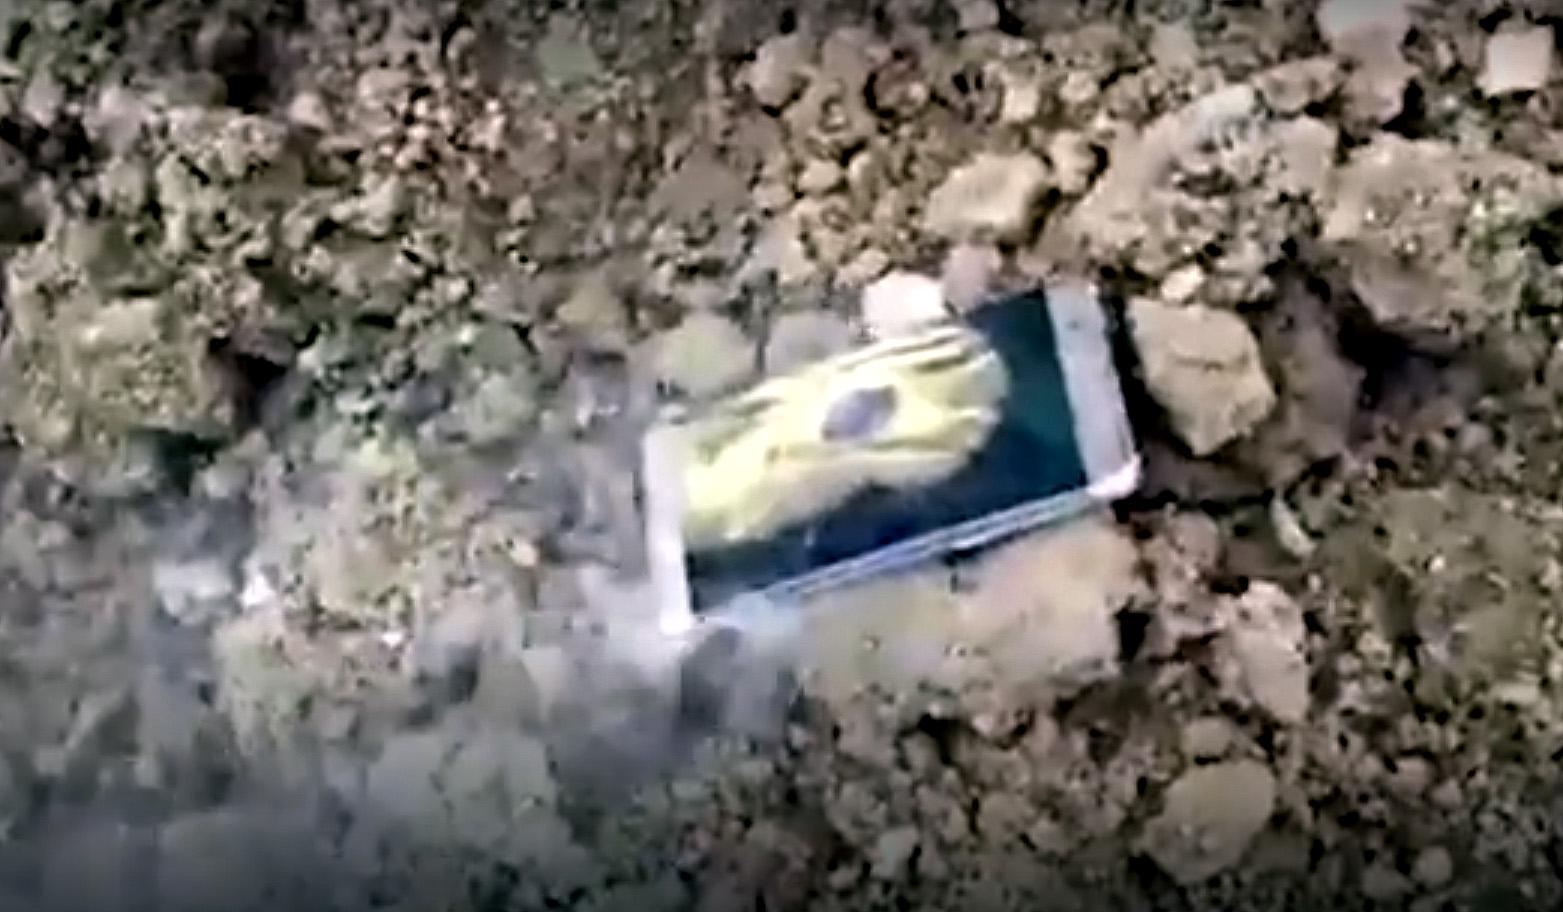 Samsung Galaxy Note 7 smoking in China